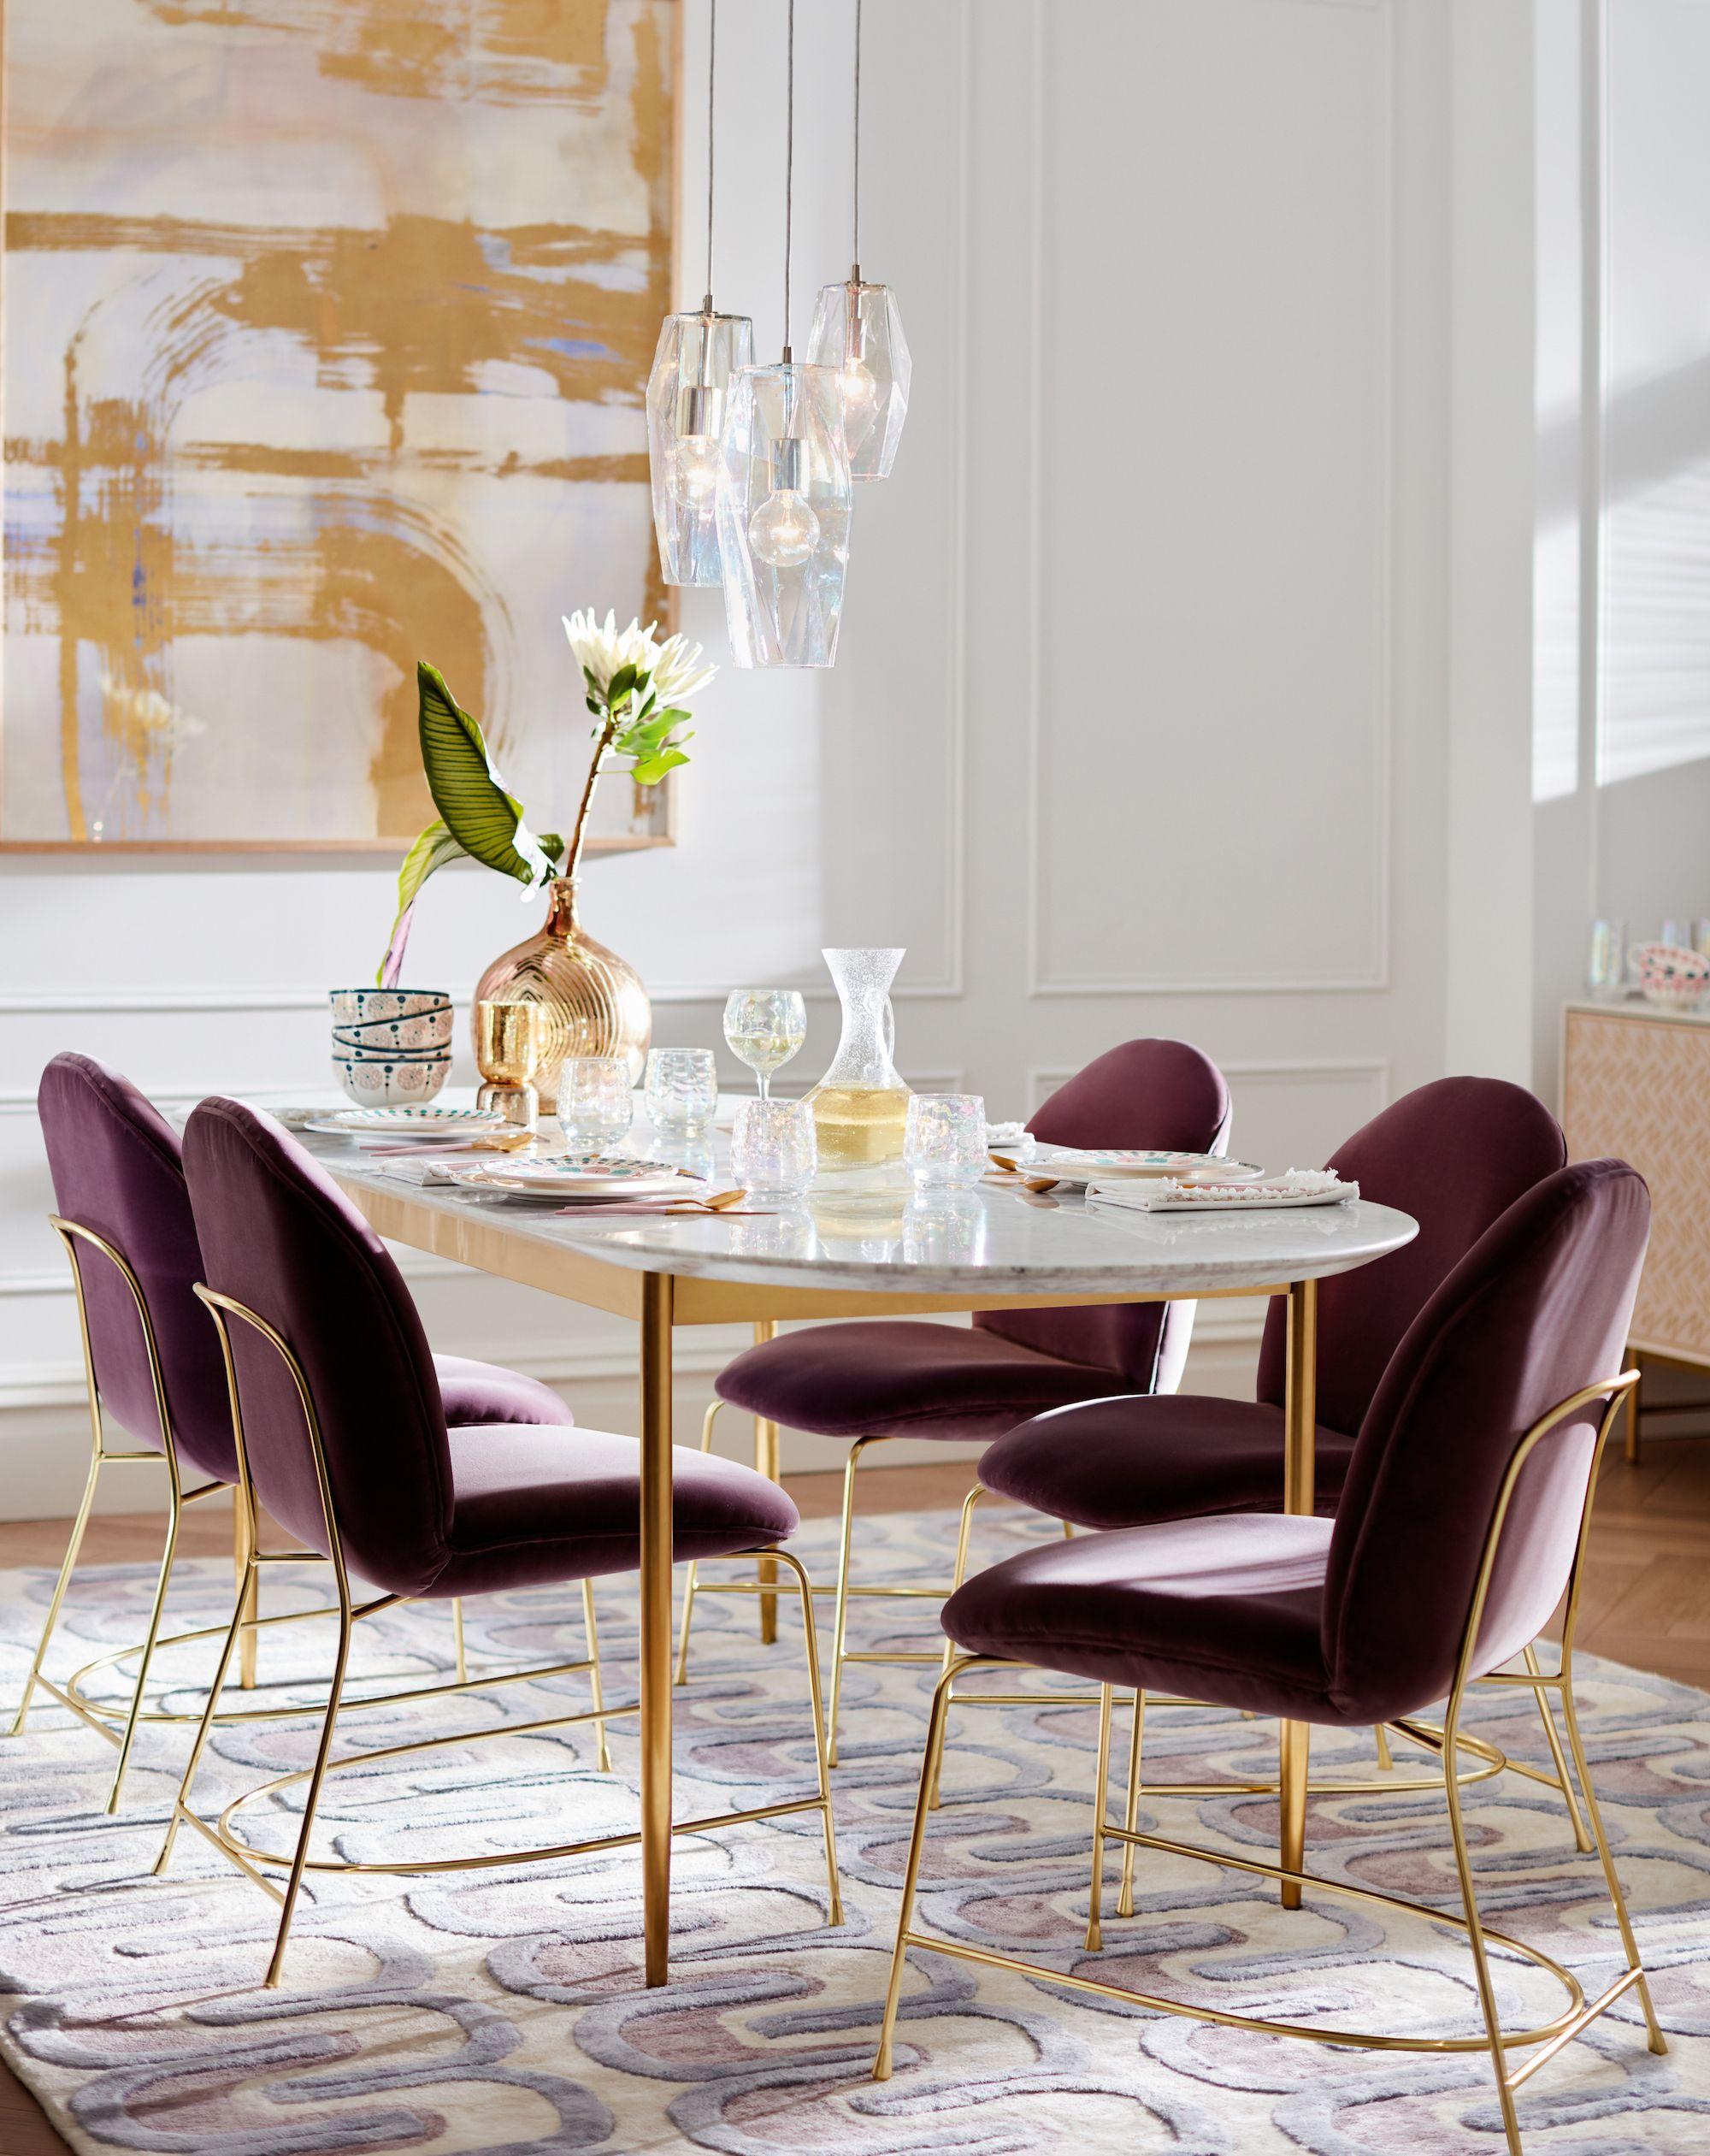 Awe Inspiring Velvet Elowen Counter Stool In 2019 Home Journals Dining Beatyapartments Chair Design Images Beatyapartmentscom